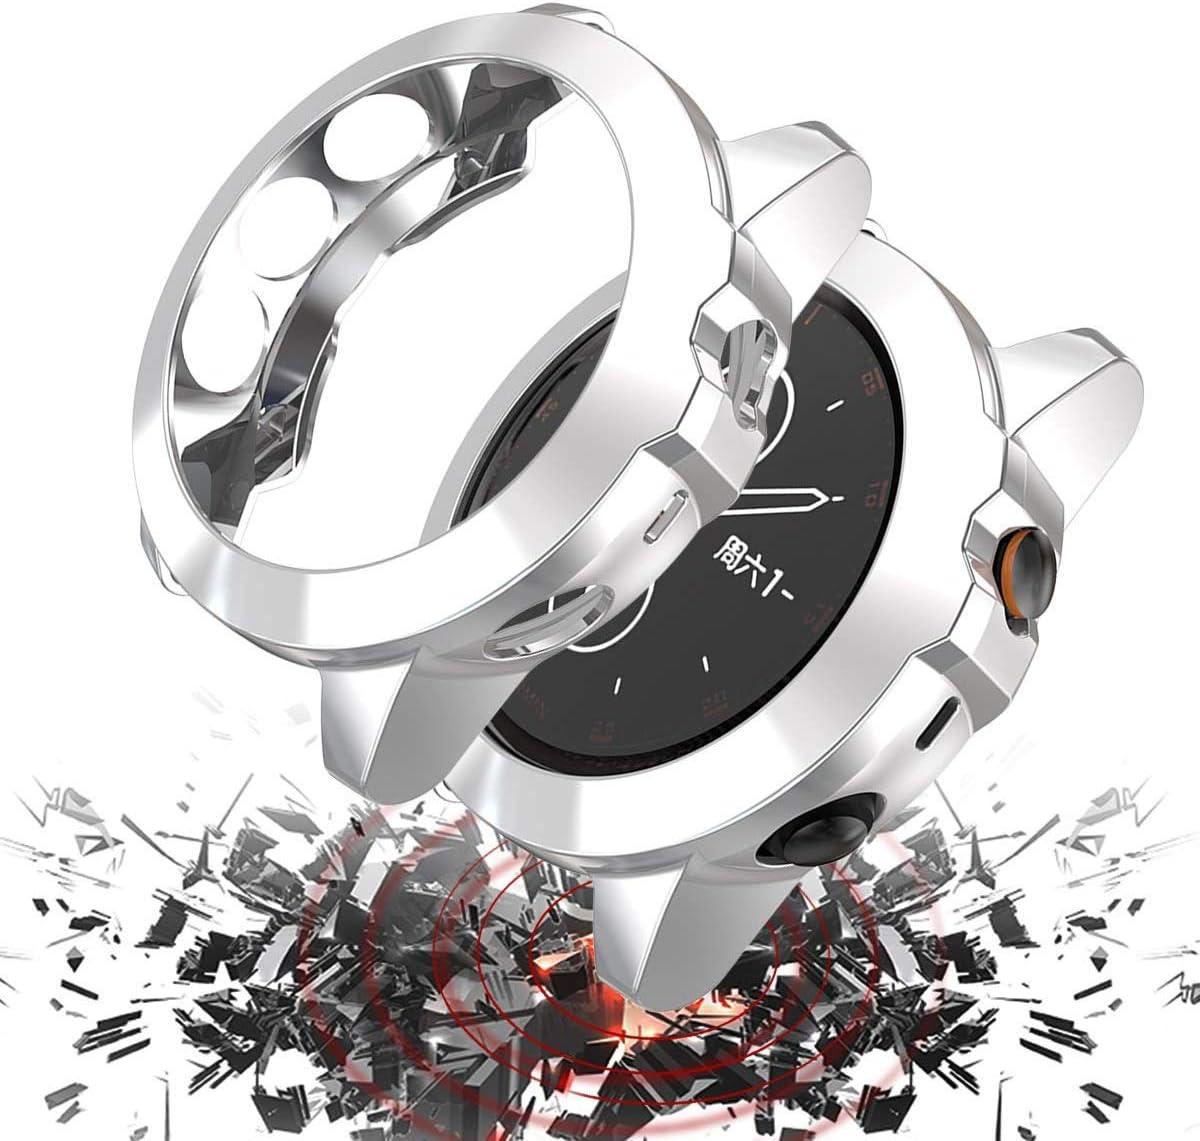 Schwarz Weiche TPU Slim Schutzh/ülle f/ür die Sto/ßstange Saver Shell f/ür Garmin Finger 5X//5X Plus Smartwatch Jvchengxi Kompatibel mit Garmin fēnix 5X//5X Plus H/ülle